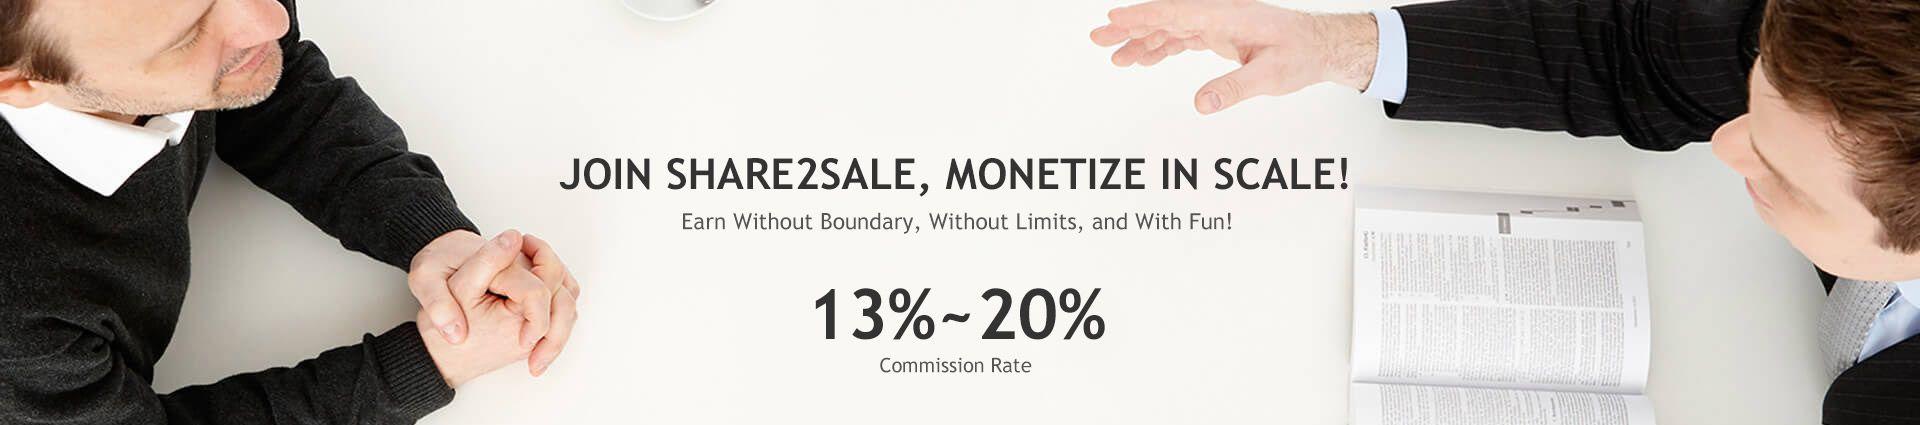 share2sale